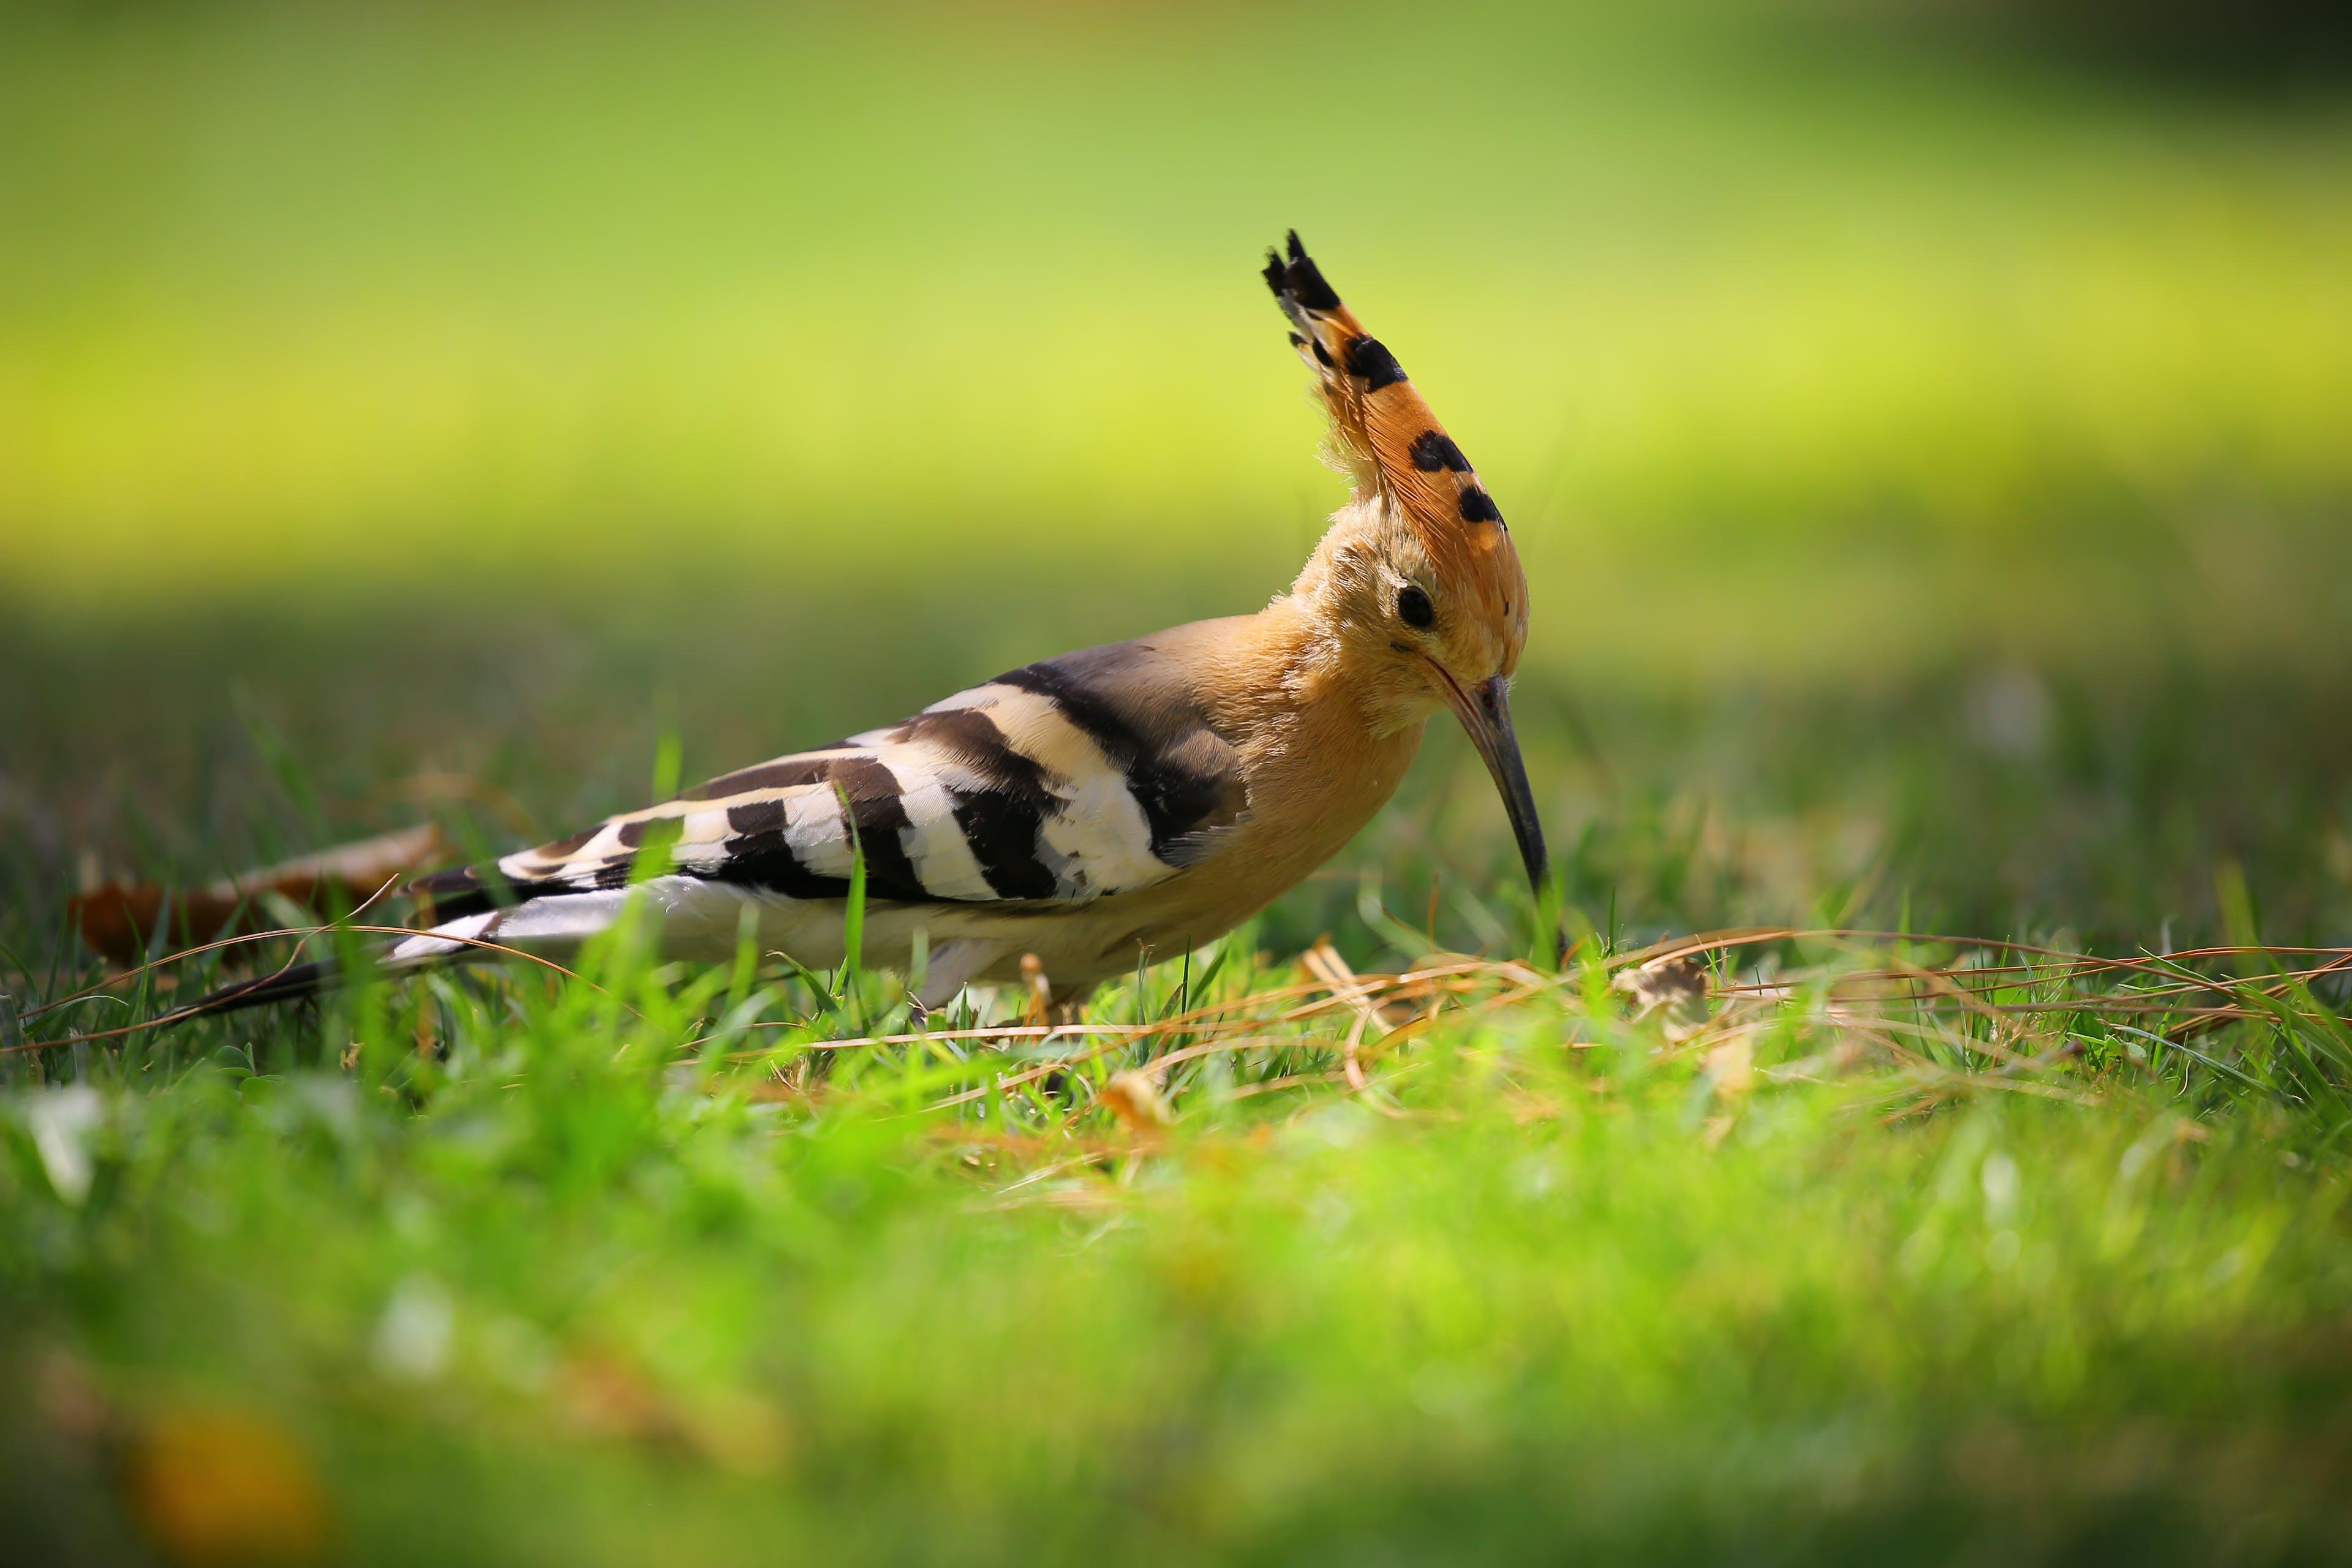 Kostenloses Stock Foto zu gras, natur, niedlich, tier